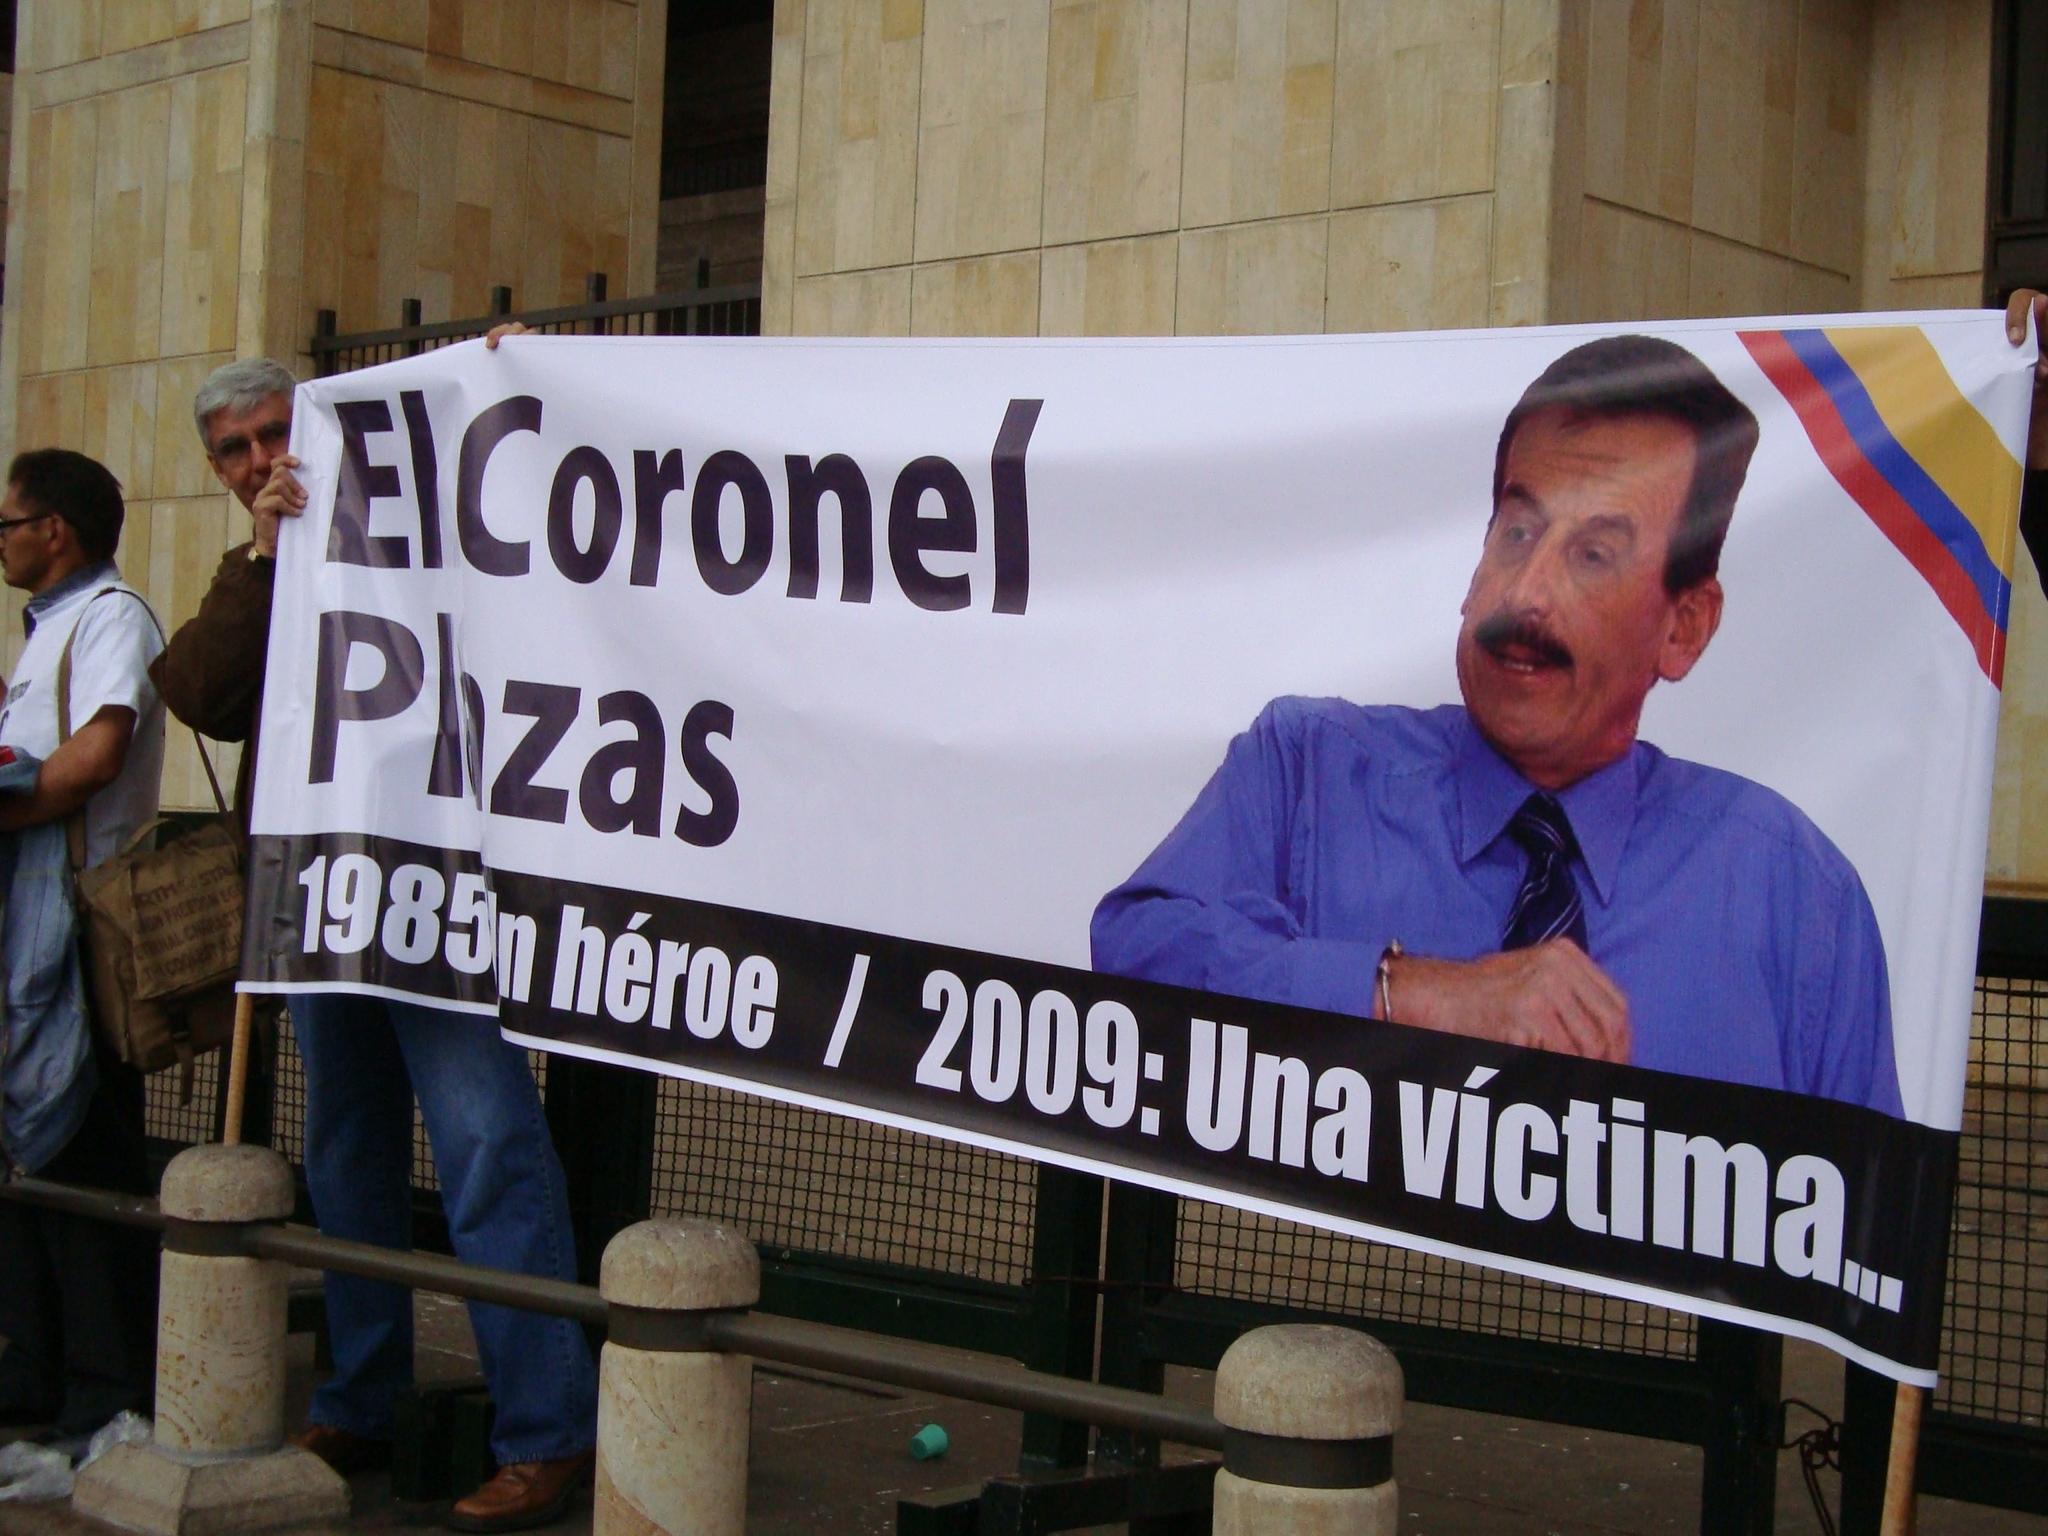 Manifestación en apoyo al coronel Plazas Vega